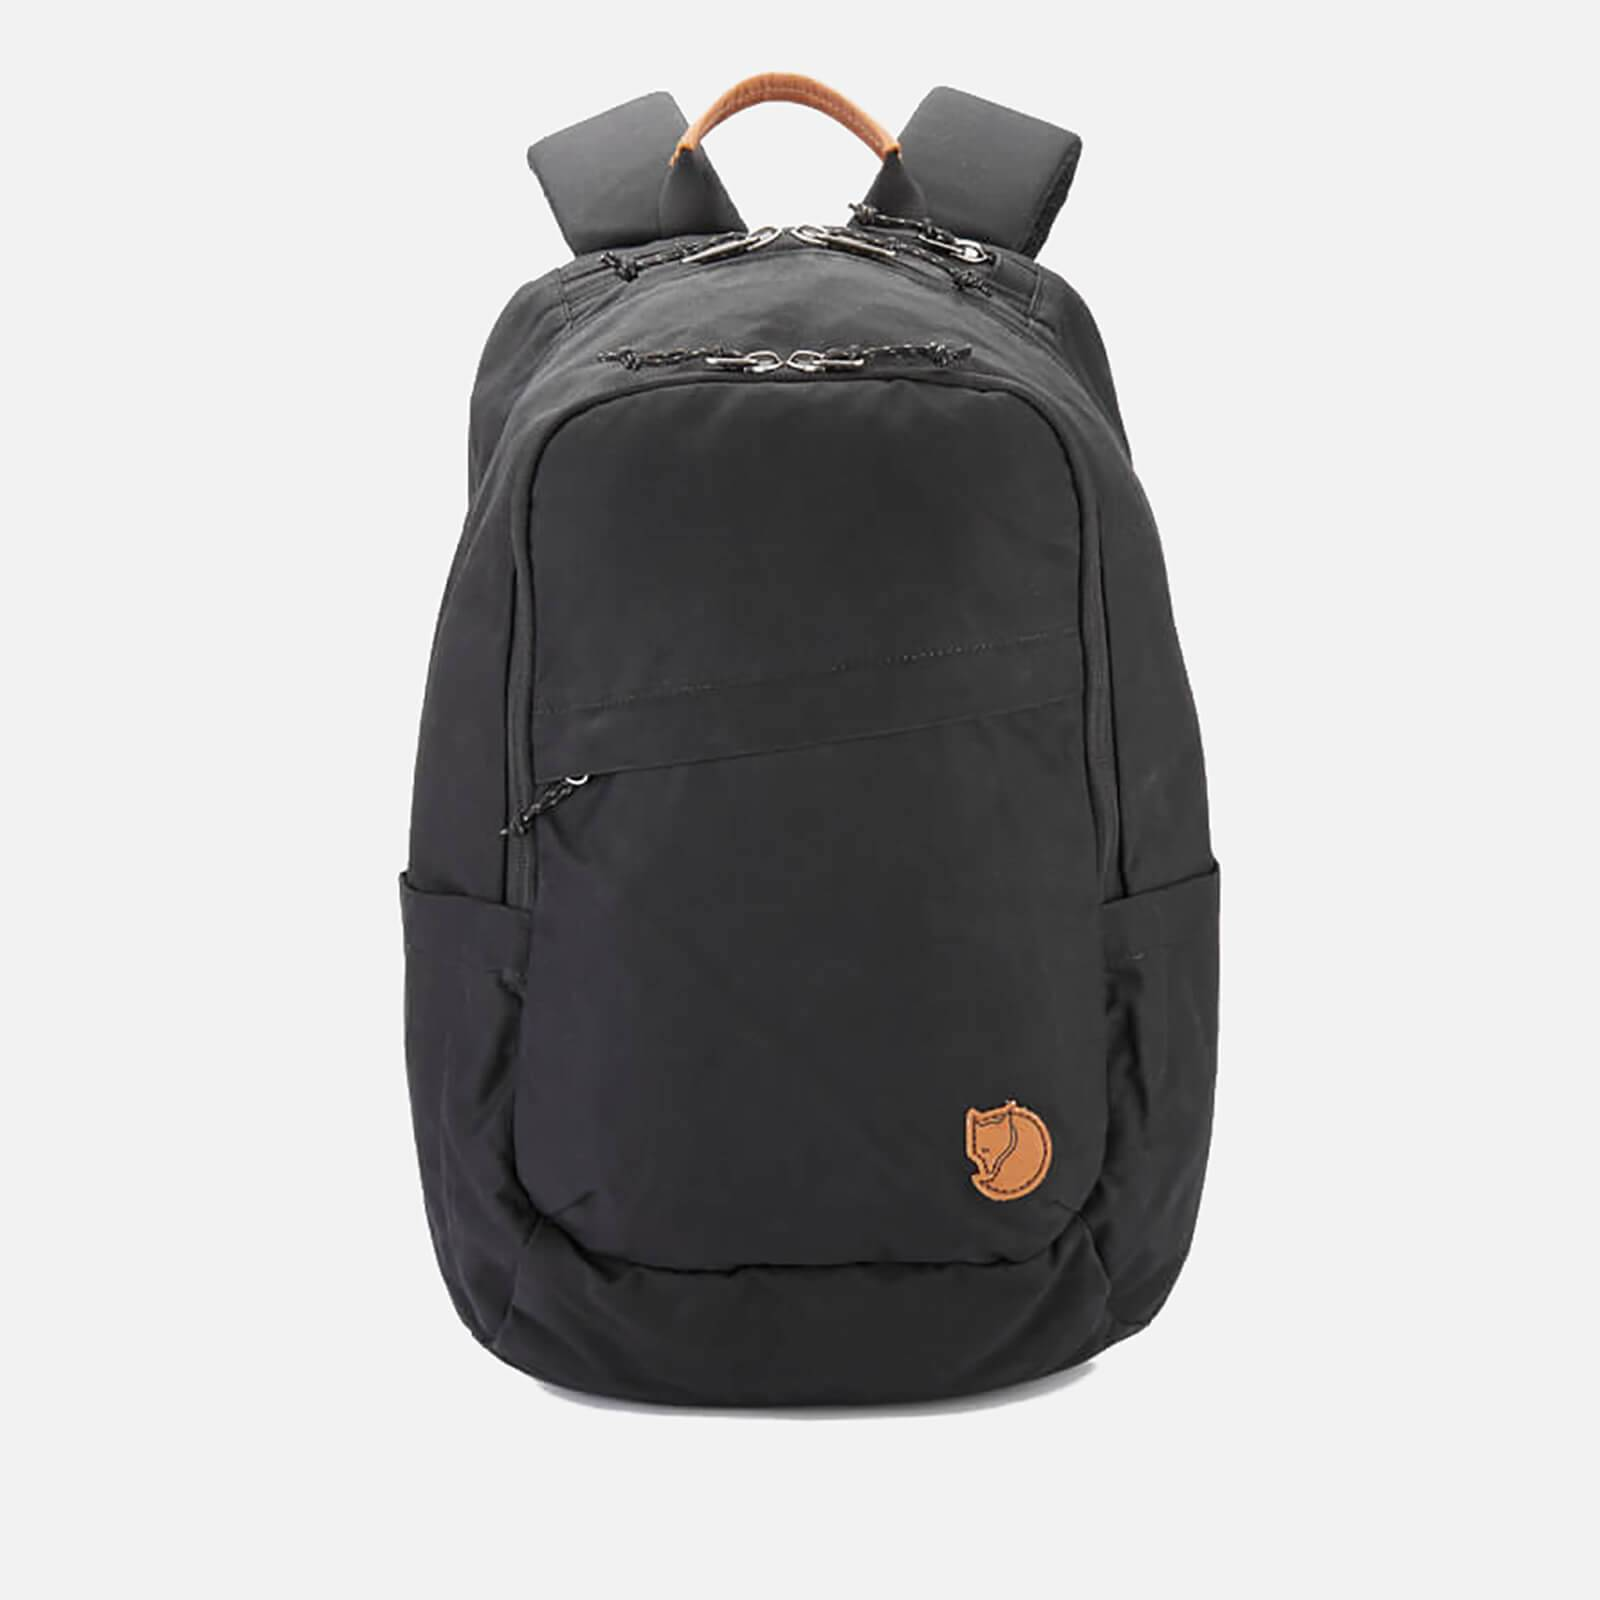 Fjallraven Raven 20L Backpack - Black